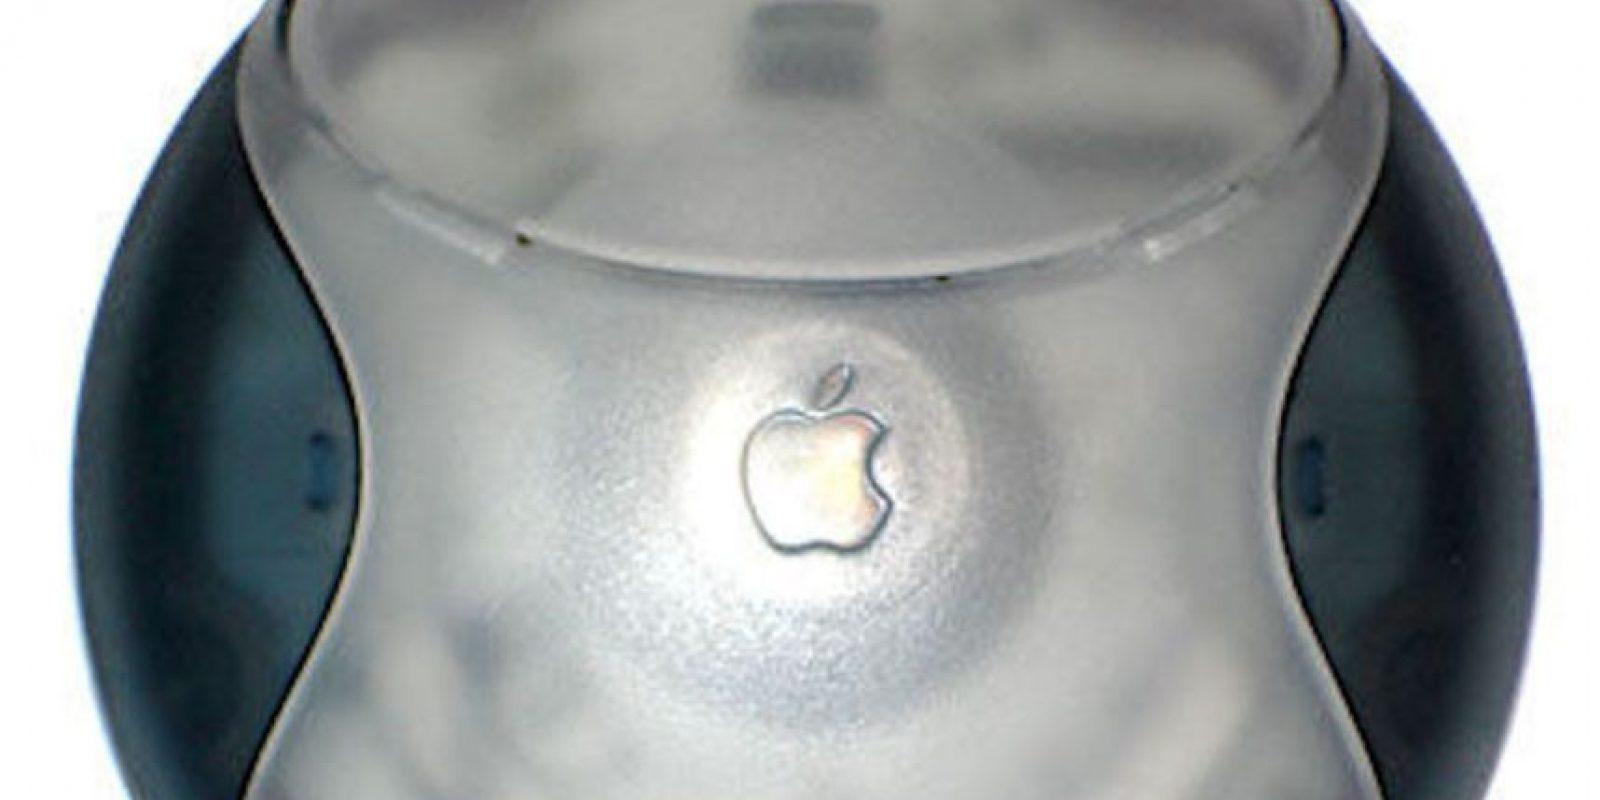 El Hockey Puck Mouse perdió mucha fuerza por lo incómodo del diseño, aunque era muy linda su apariencia. Además, los usuarios se quejaban de la poca extensión del cable, que impedía la buena movilidad del ratón. Foto:Vía commons.wikimedia.org